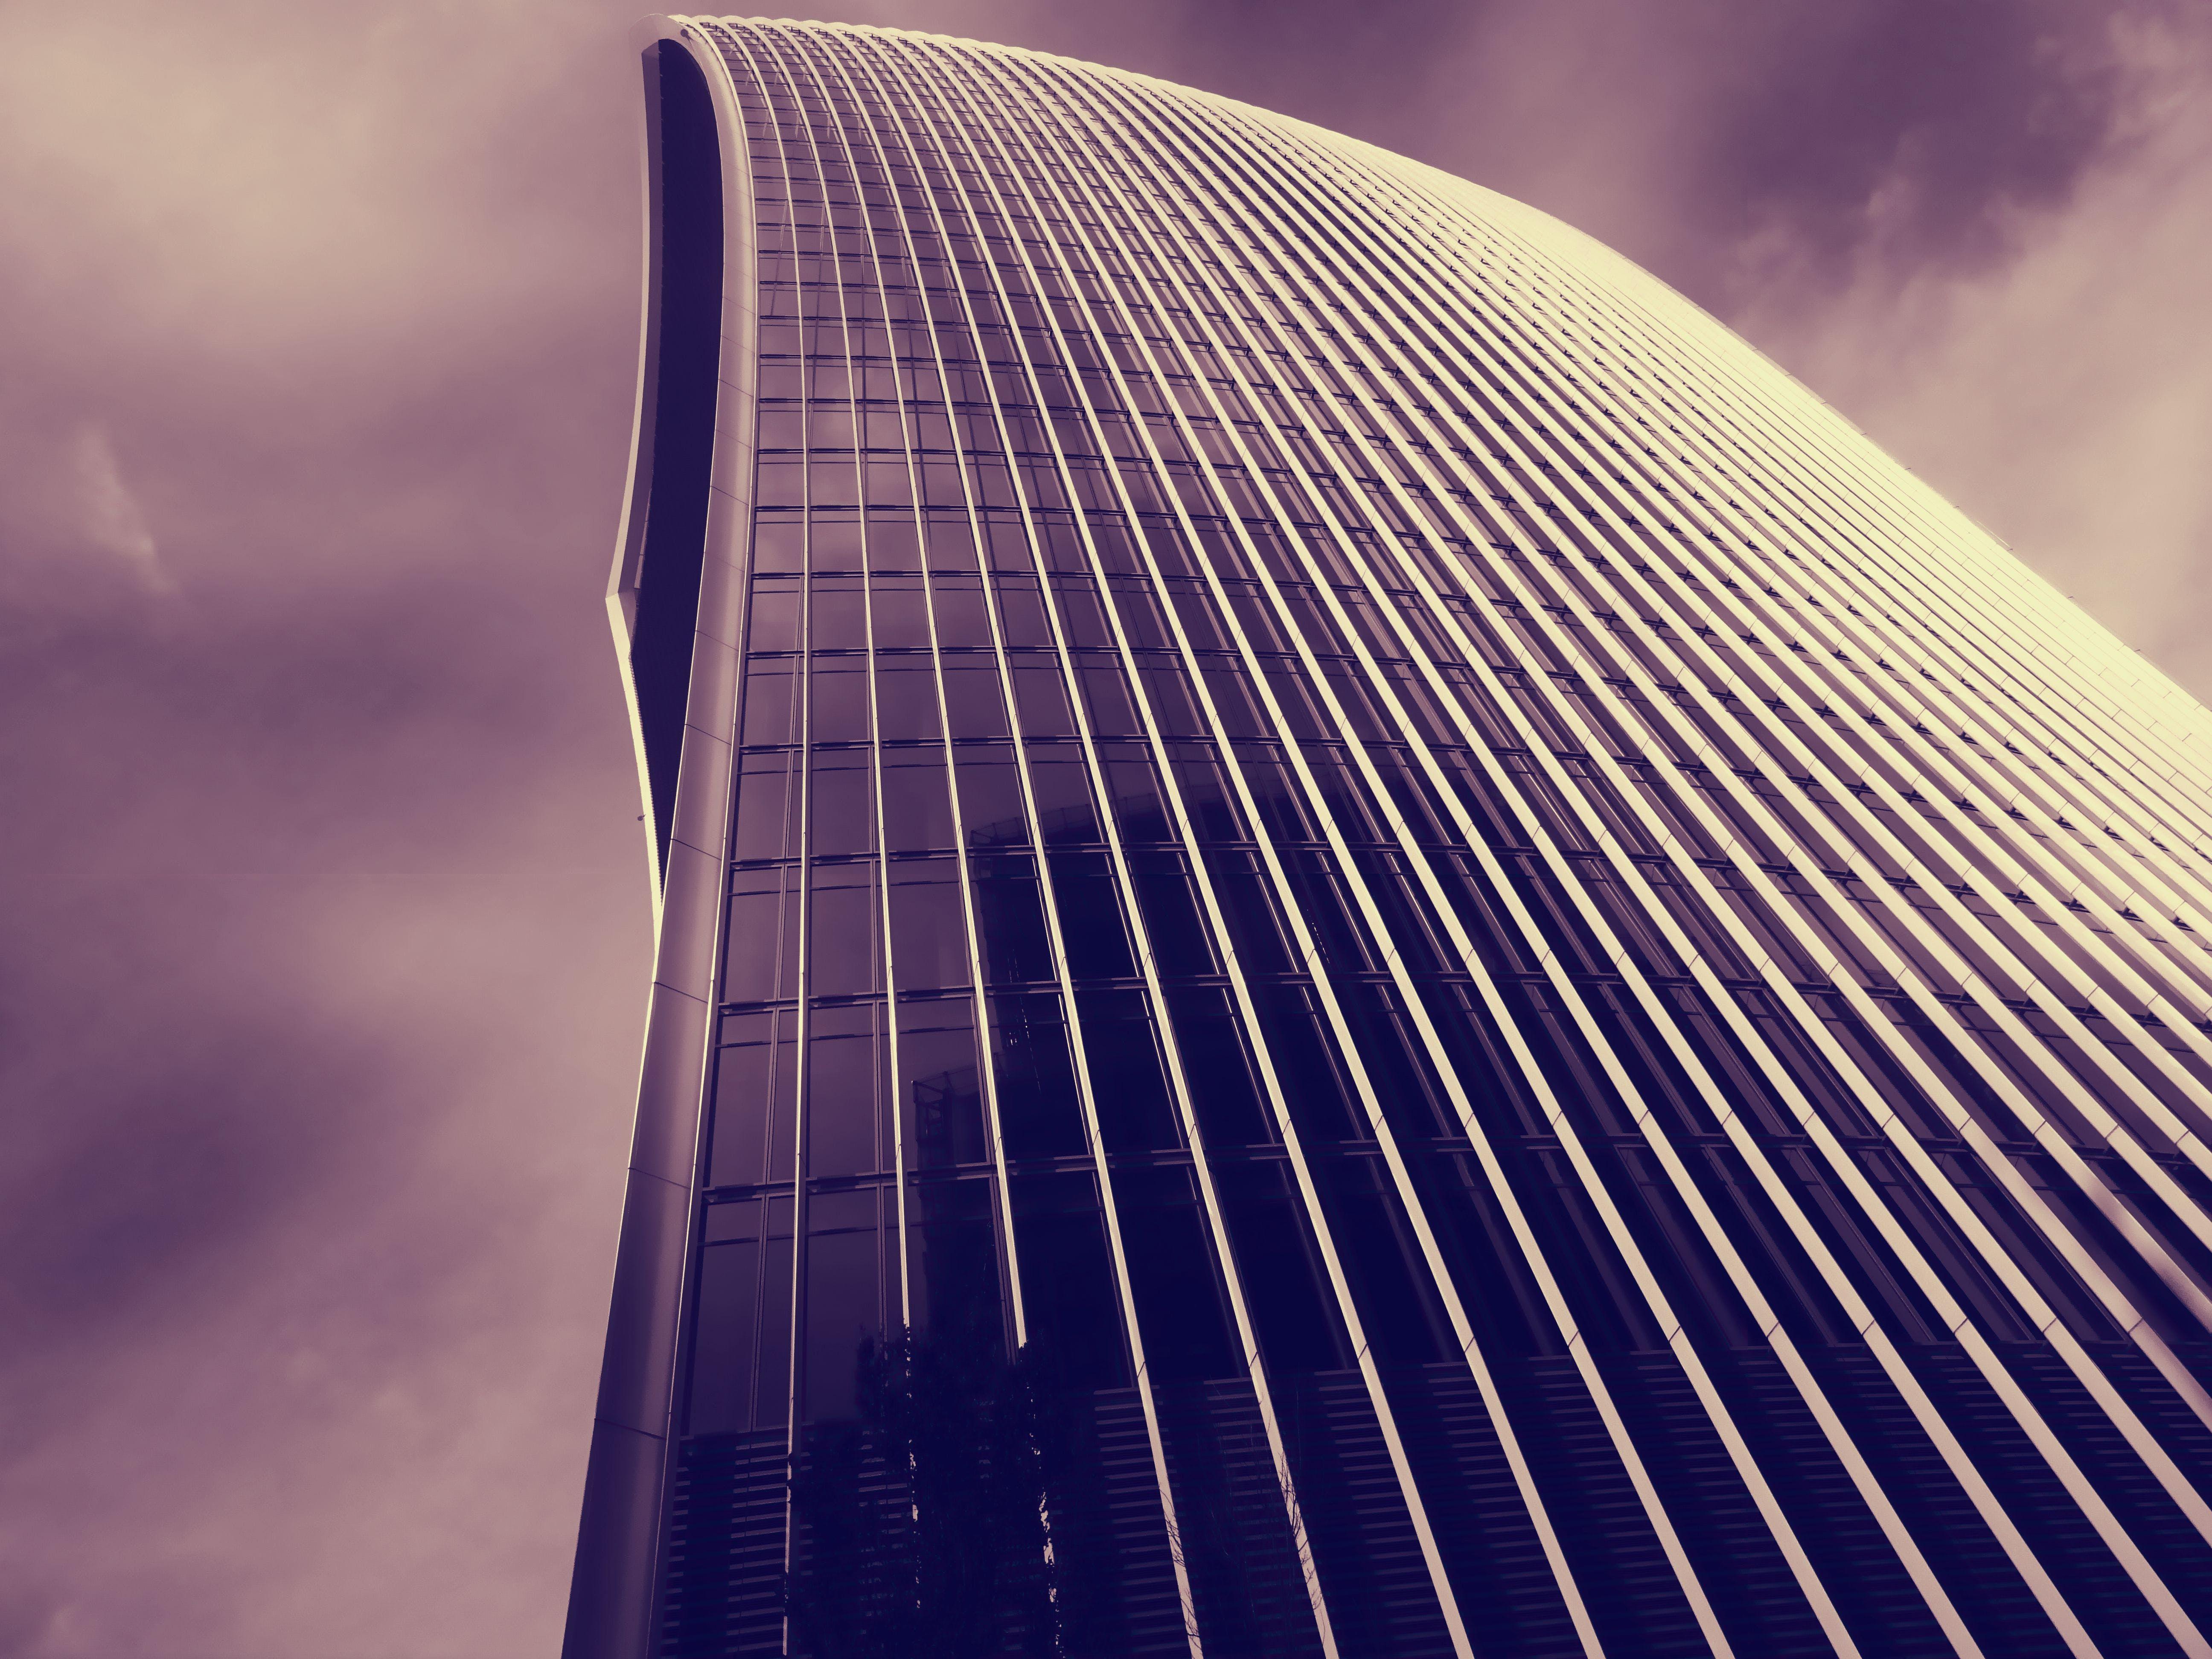 Foto profissional grátis de arquitetura, artigos de vidro, construção, futurista